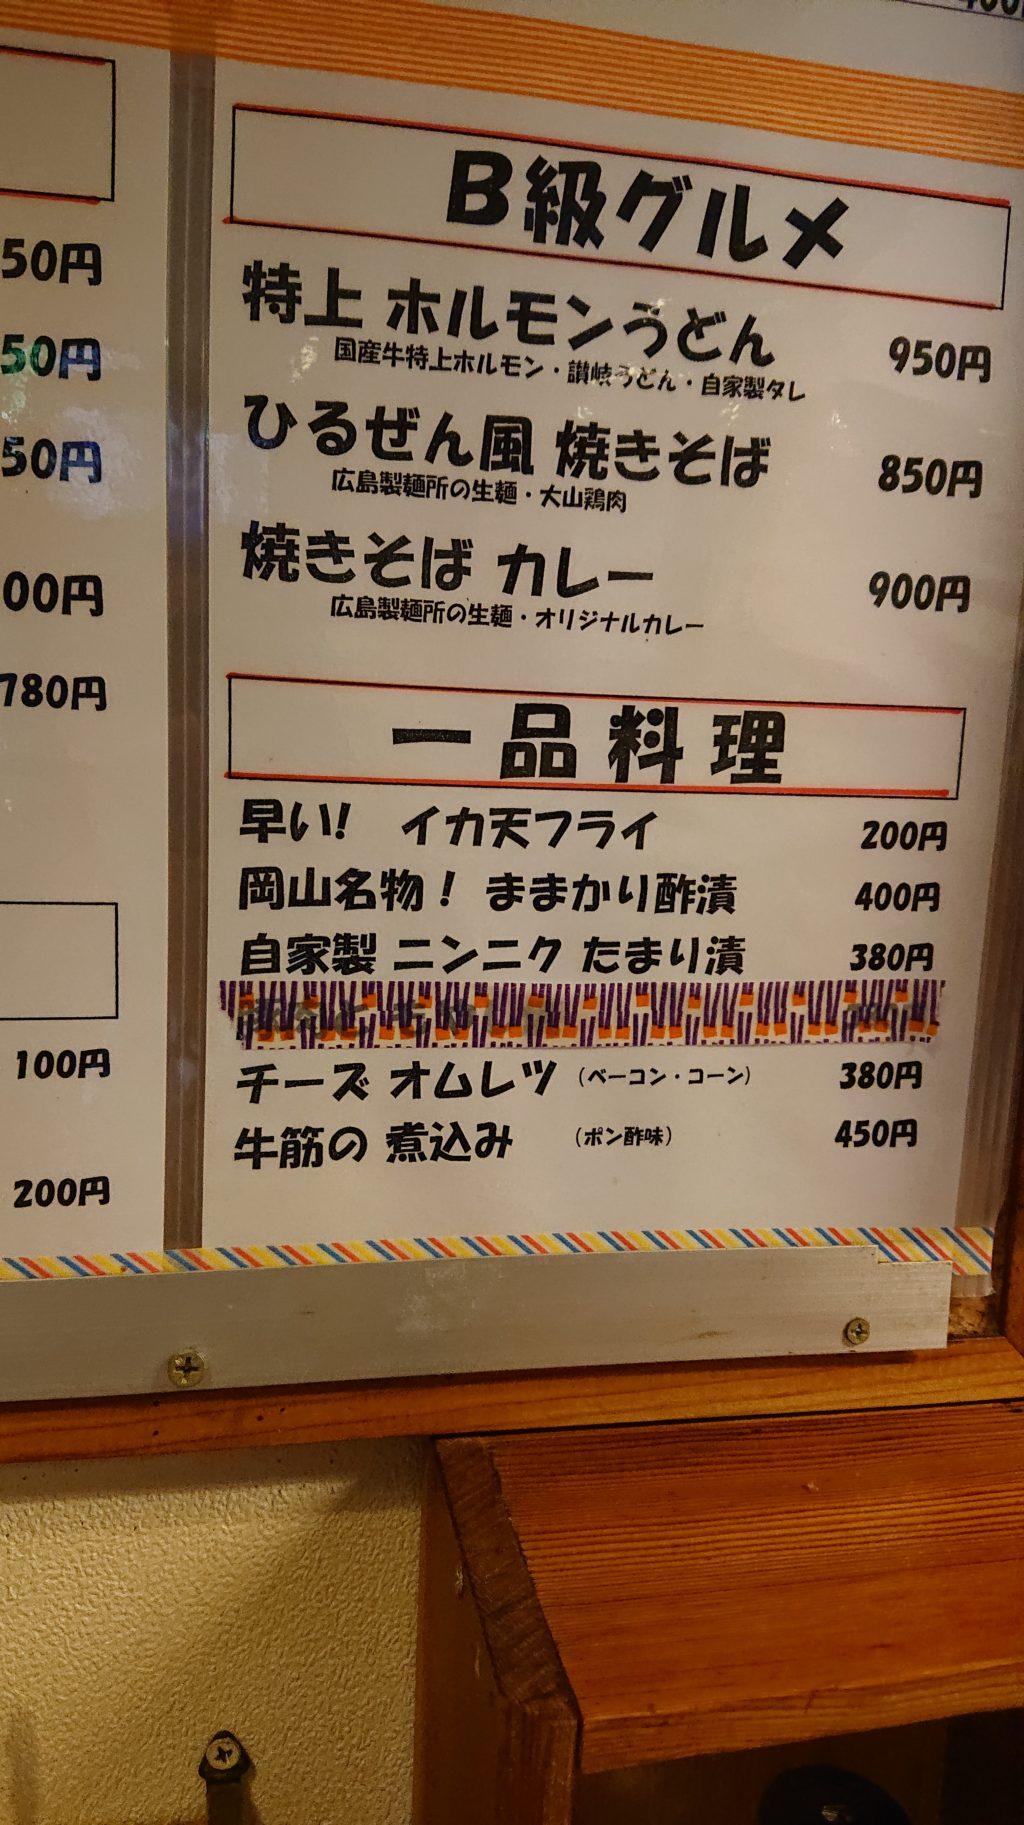 広島お好み焼・カレーTAKU (タク) メニュー